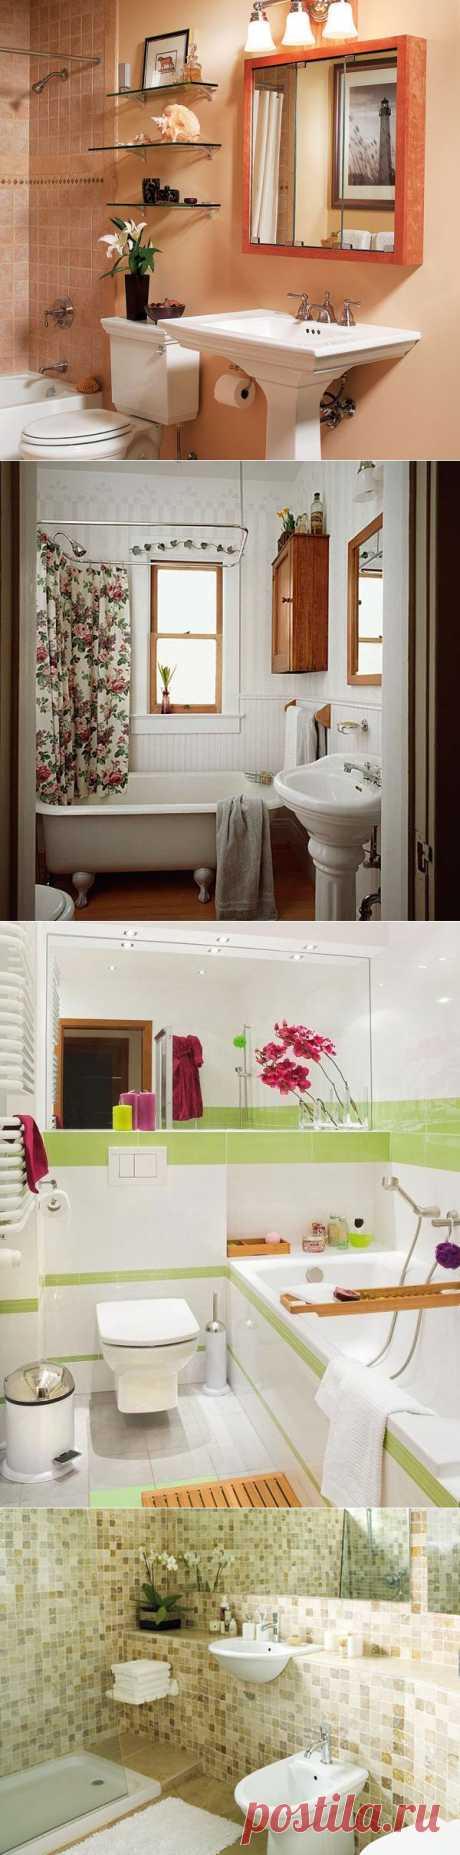 Дизайн маленькой ванной комнаты: чтобы не было тесно